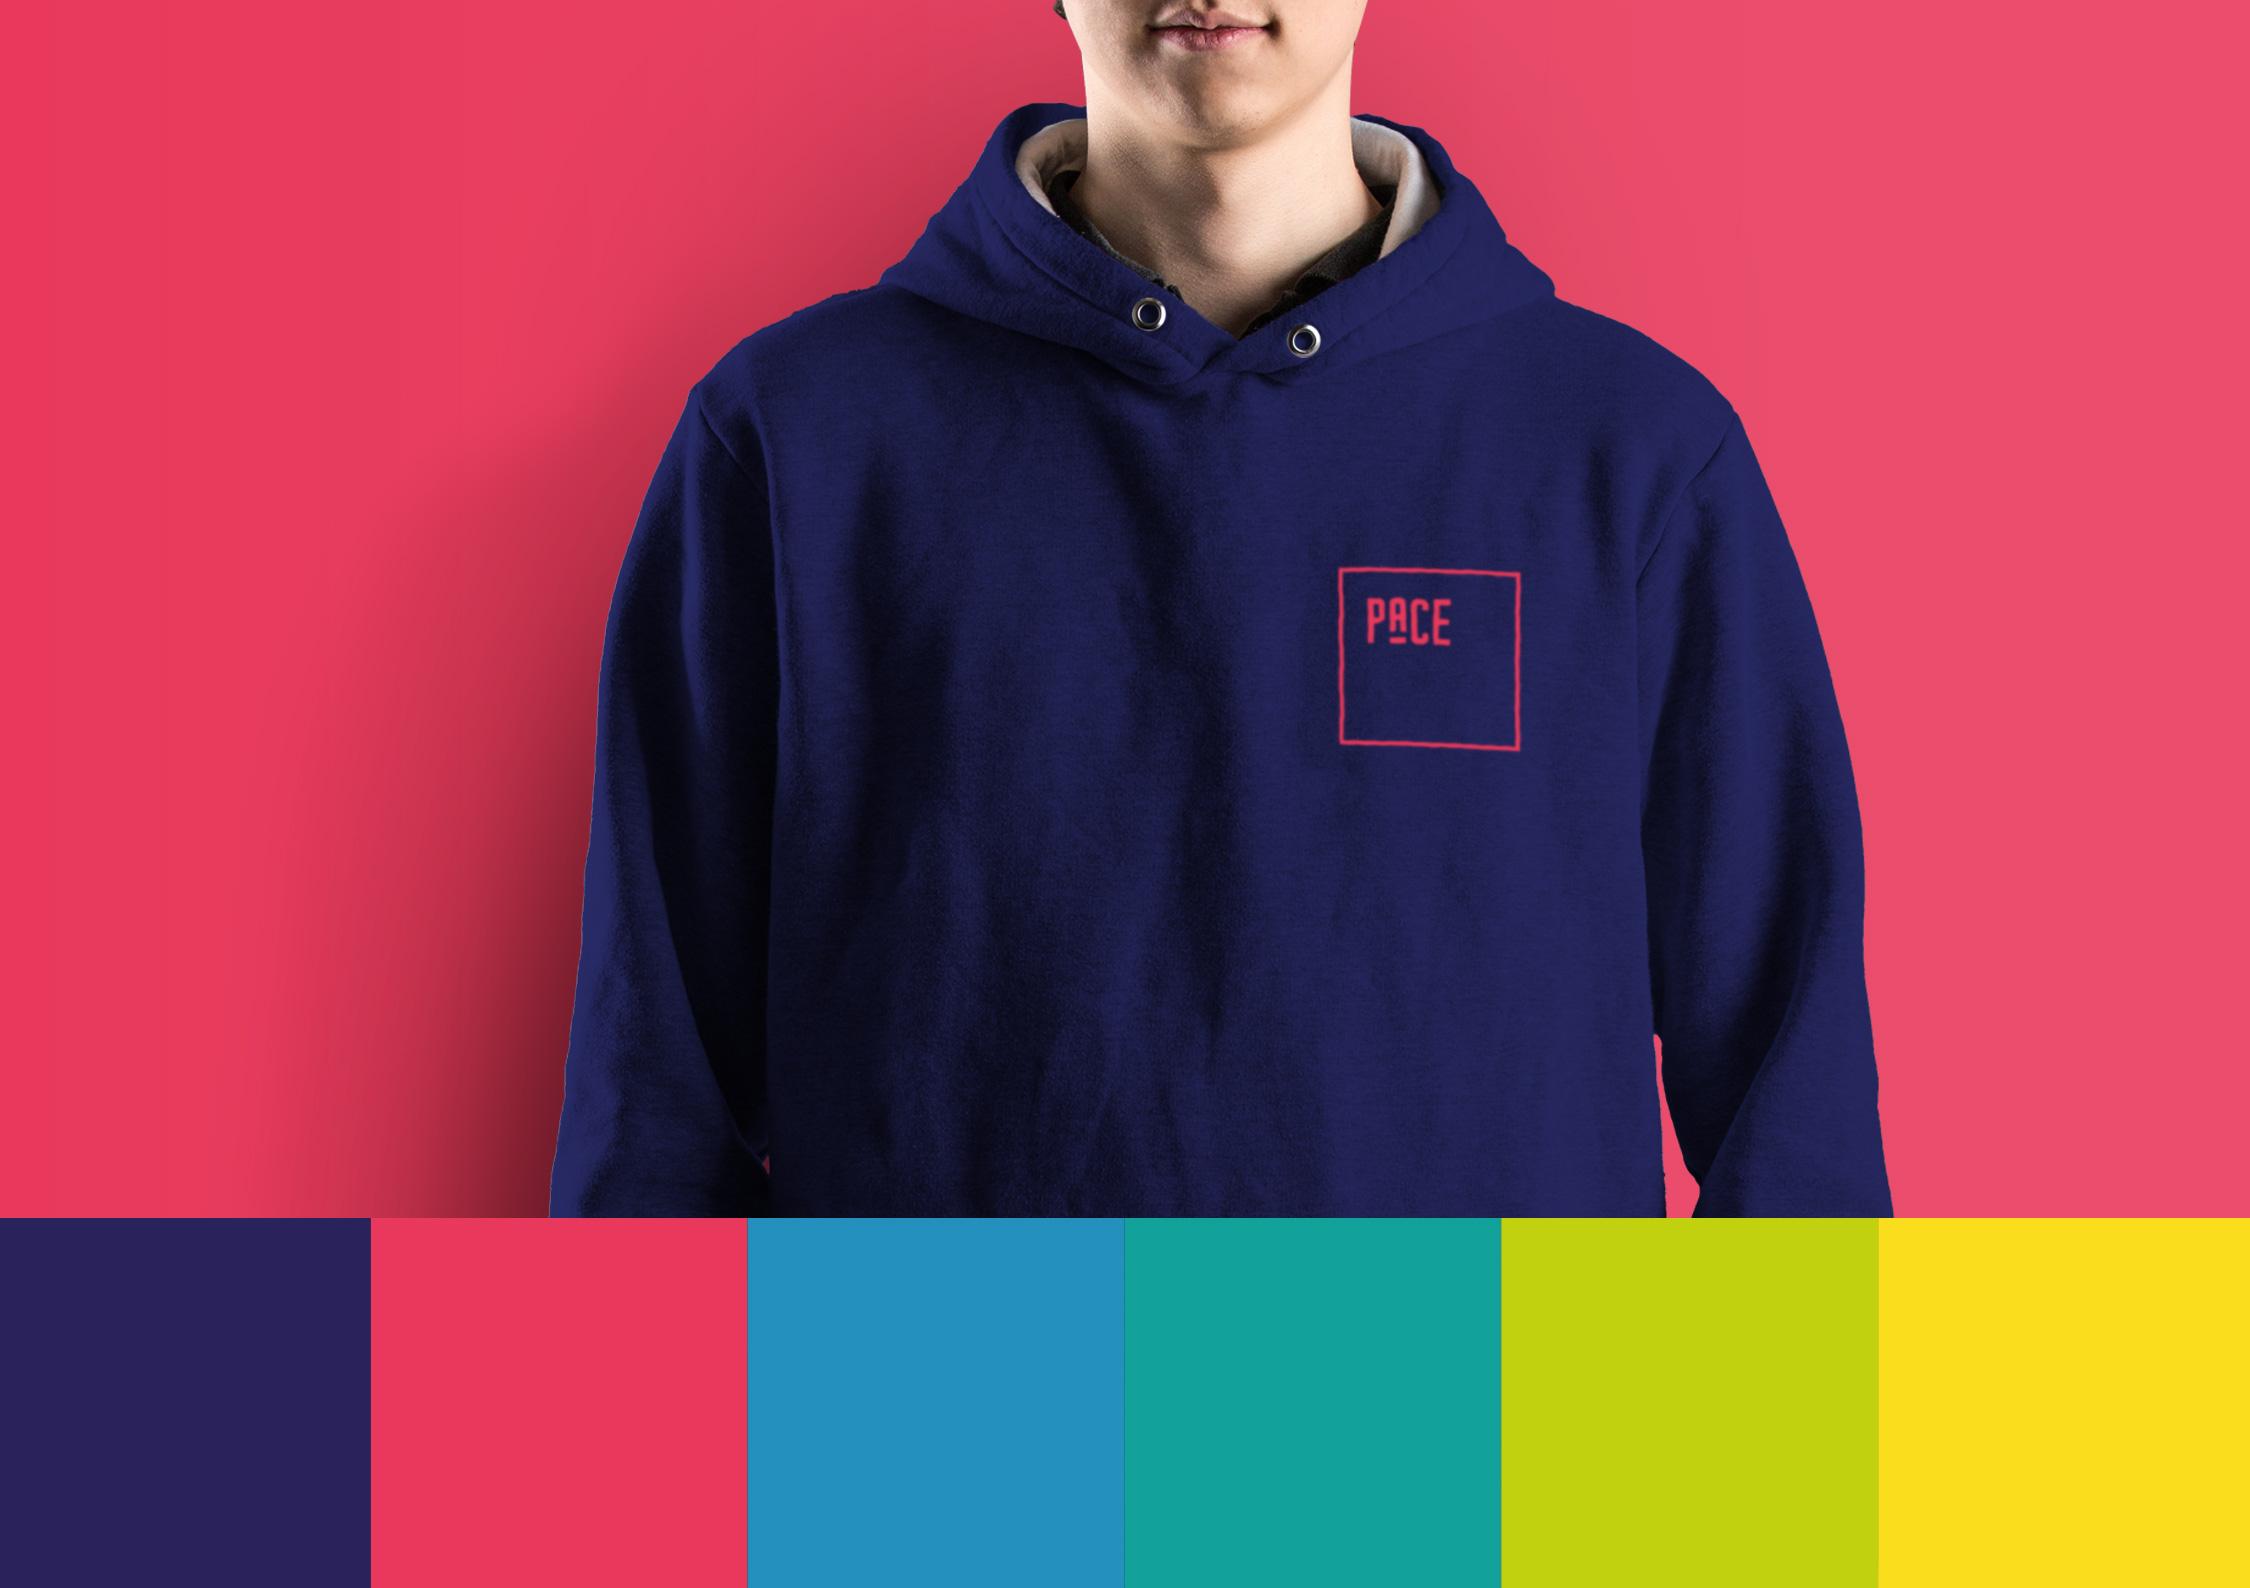 Pace-hoodie.jpg